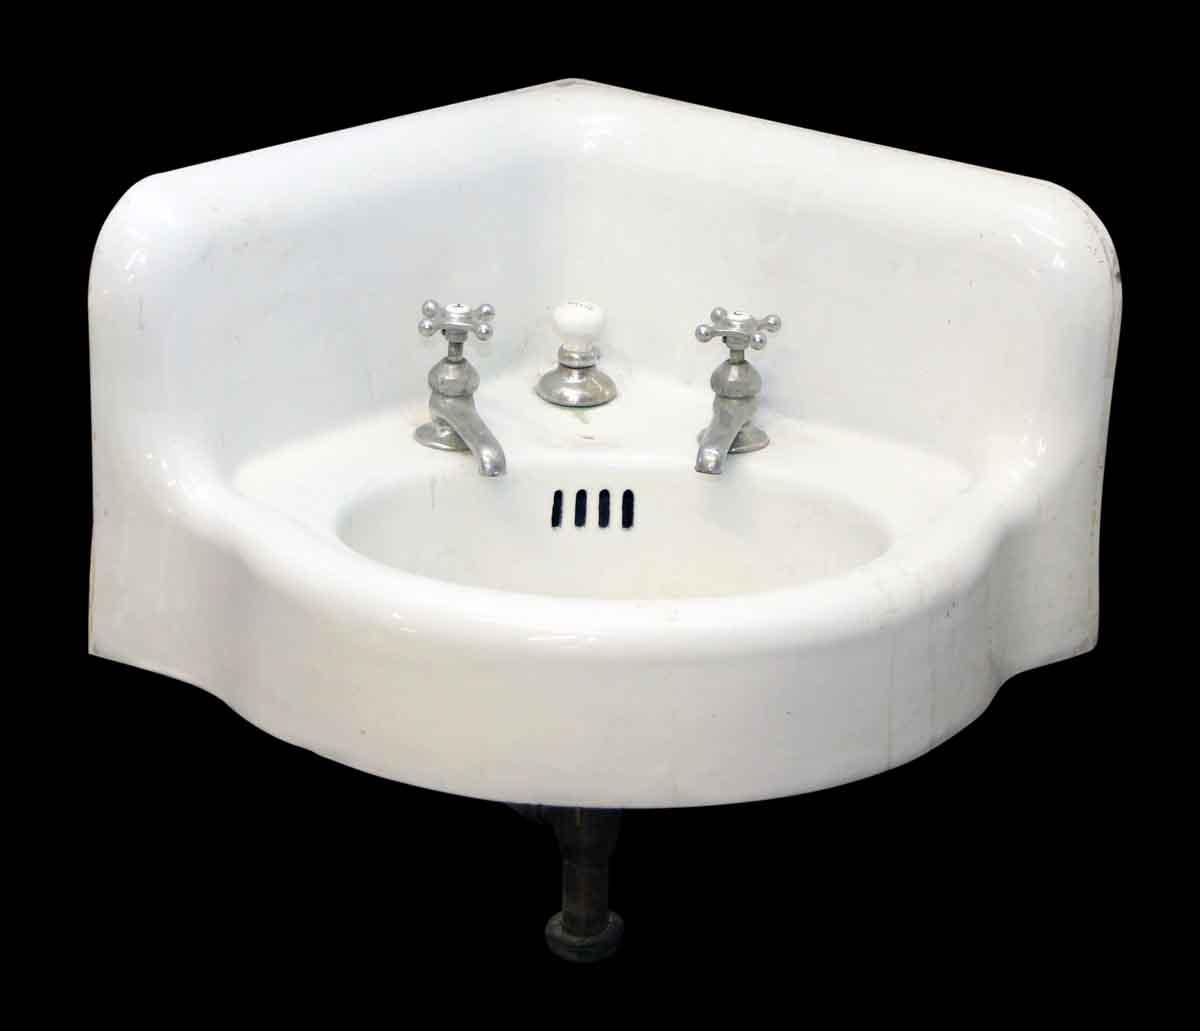 Porcelain Corner Sink With Original Hardware Olde Good